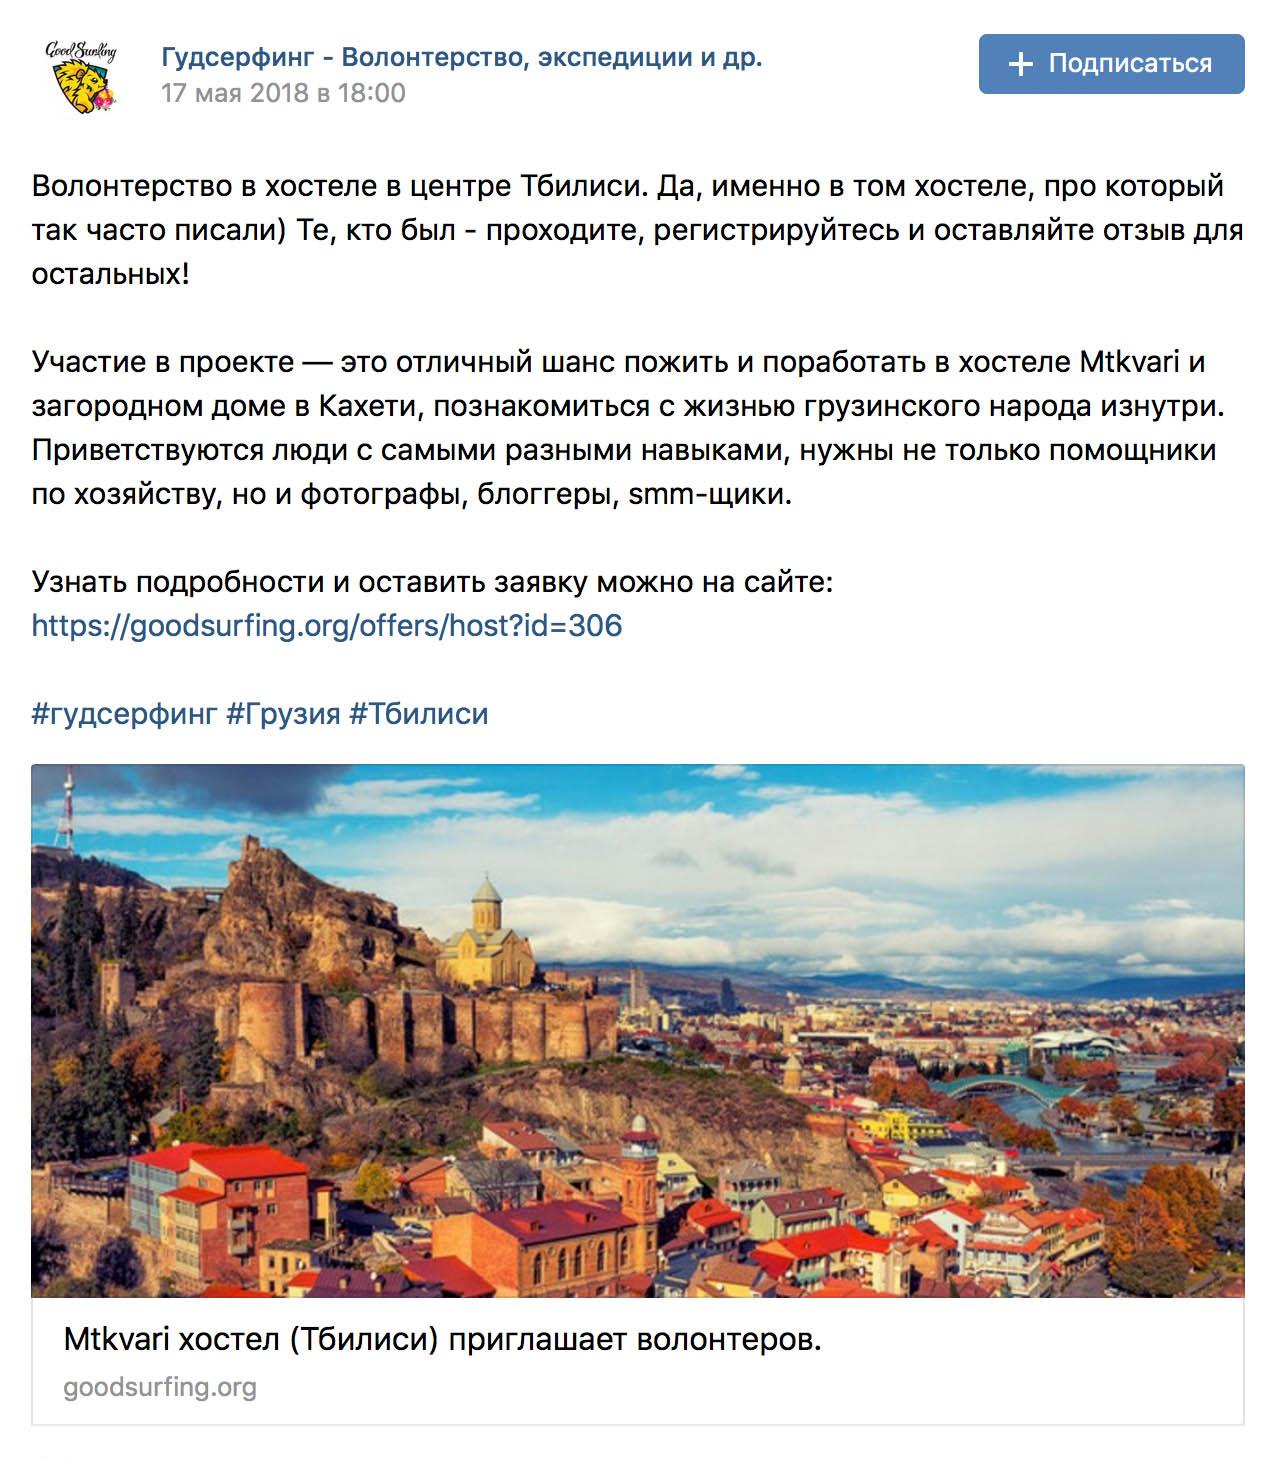 В группе «Гудсерфинг» во Вконтакте часто зовут пожить в хостелах и на волонтерских проектах